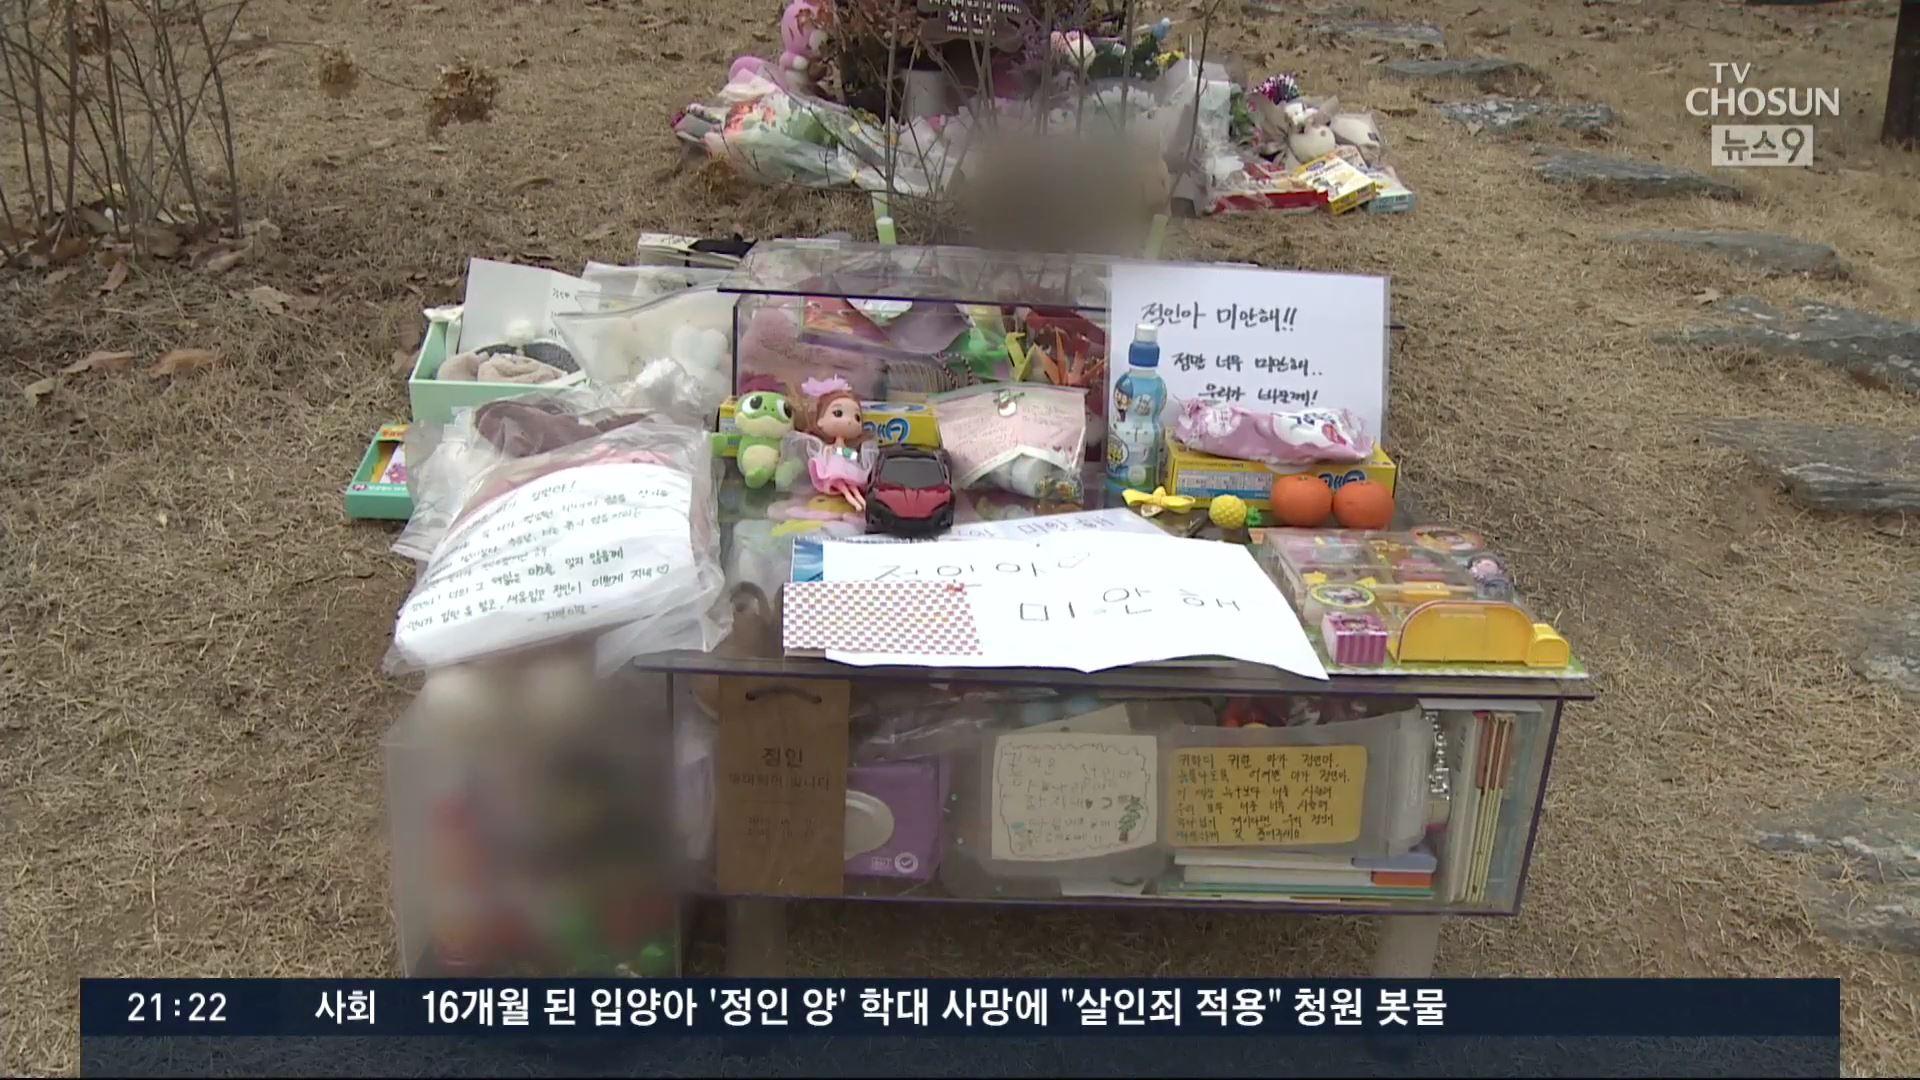 '학대 사망' 입양아 추모 열기에 '뒷북 입법'…경찰 징계 청원도